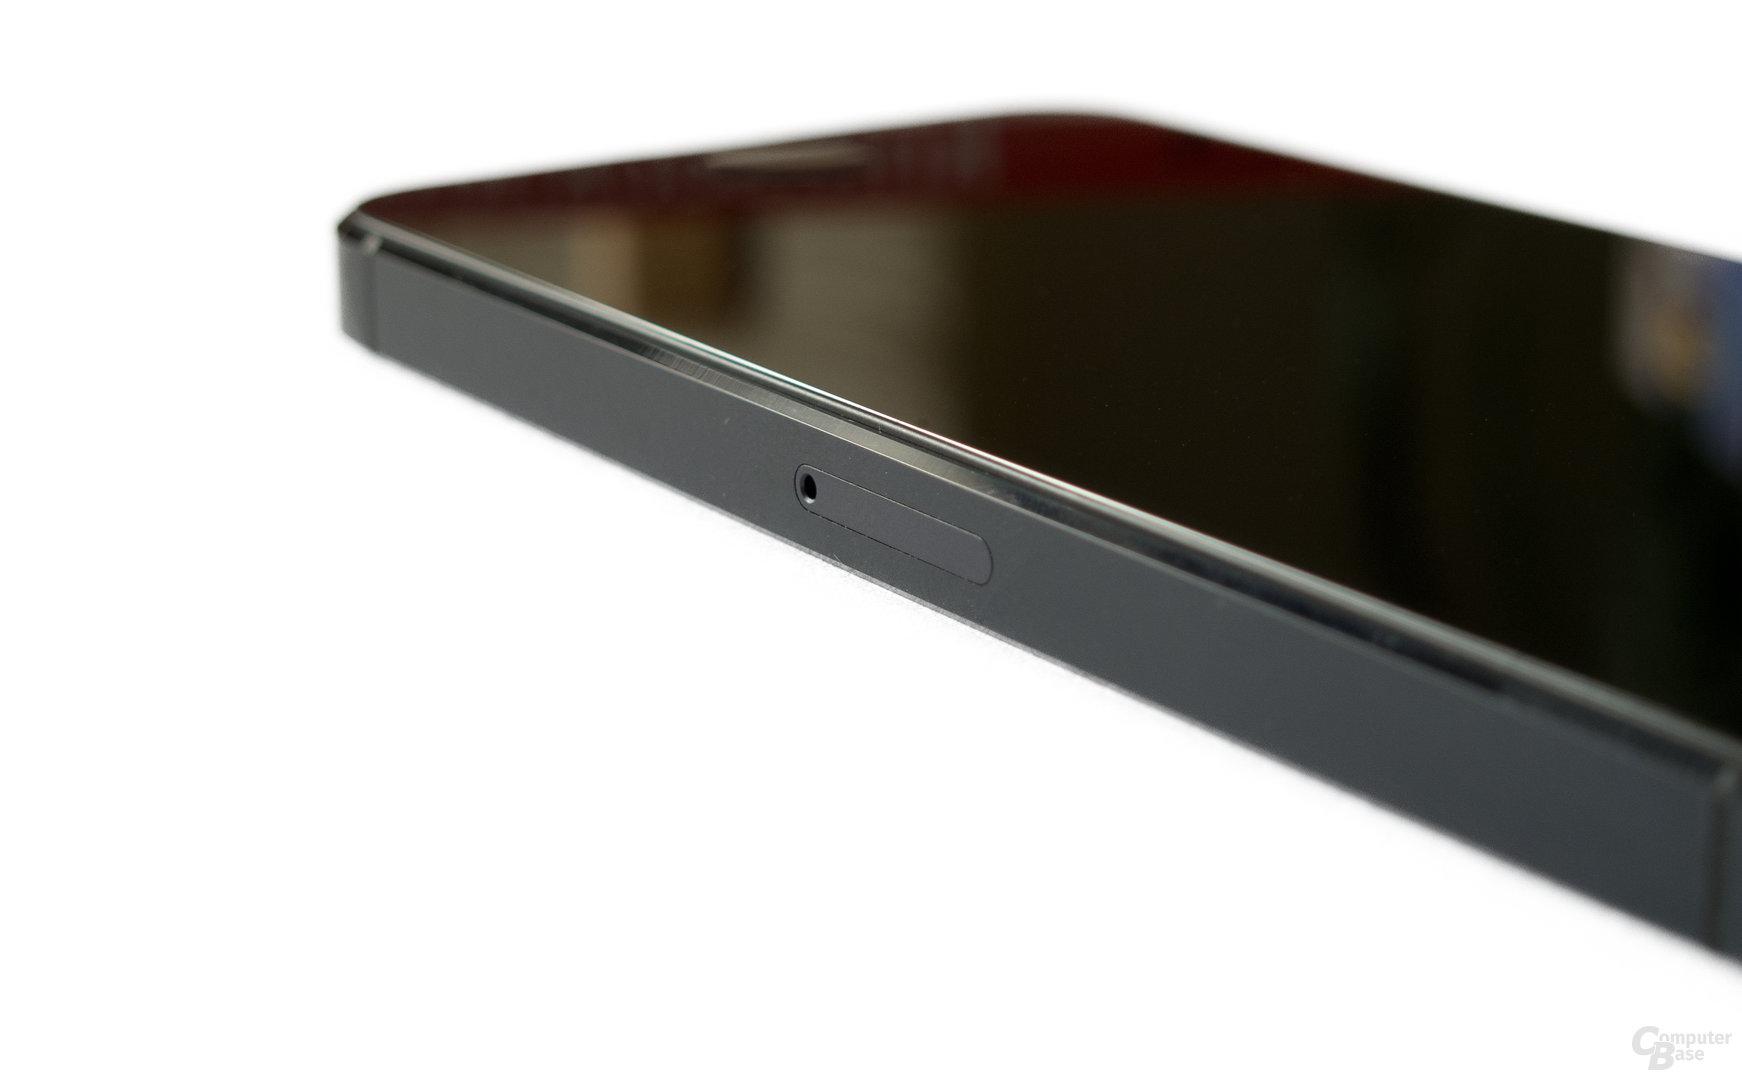 Platz für eine Nano-SIM